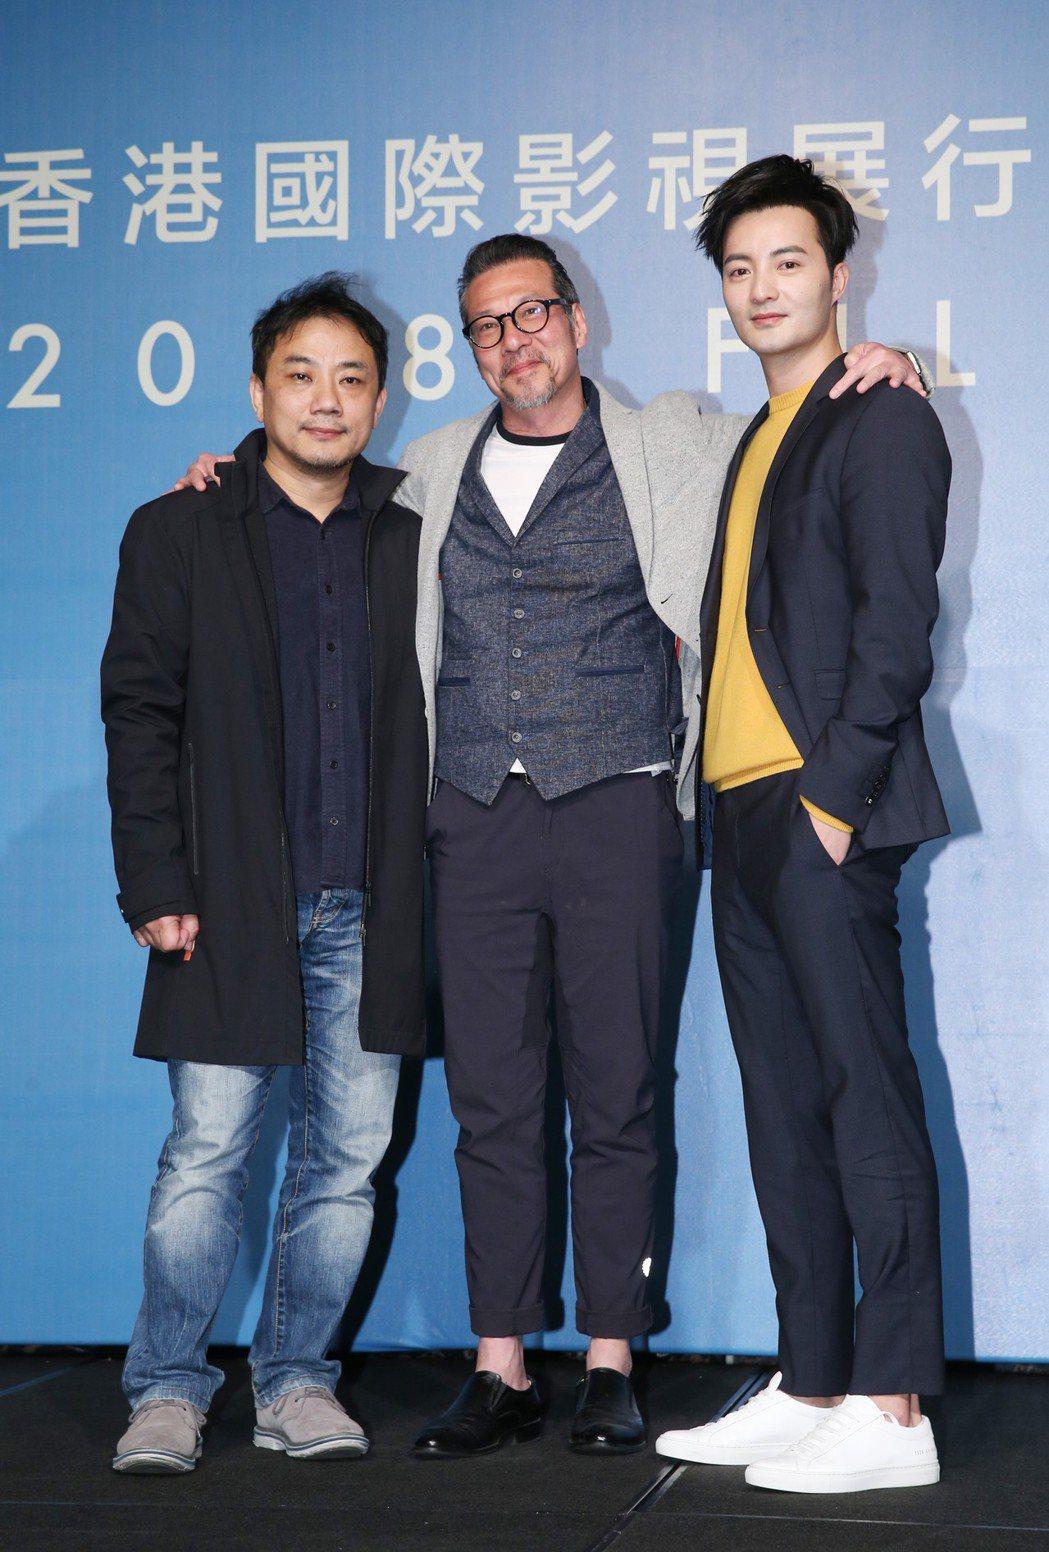 文化部舉辦香港國際影視展行前記者會,電影「范保德」導演蕭雅全(左)帶領主要角色黃...